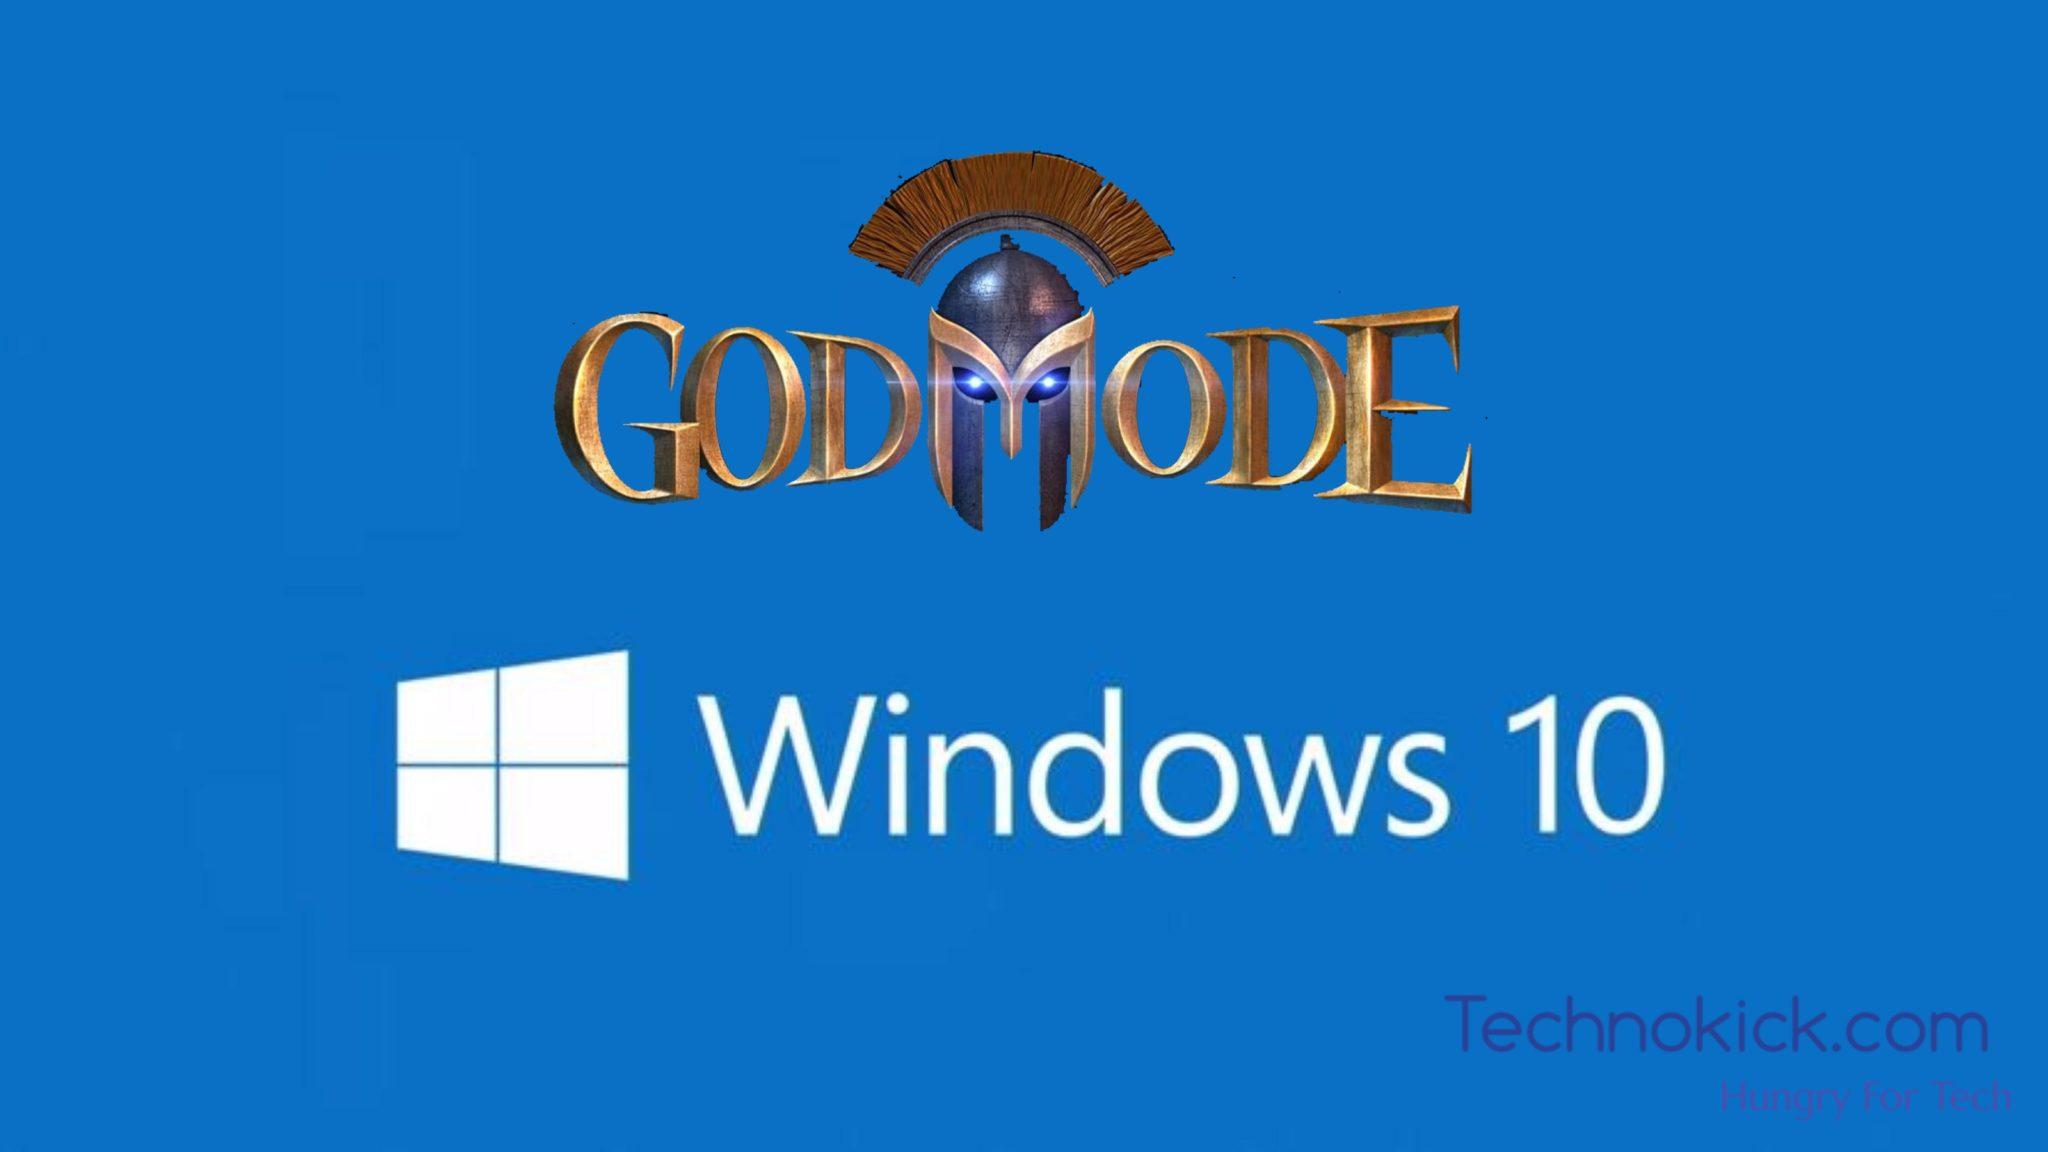 windows-10-godmode-f-image